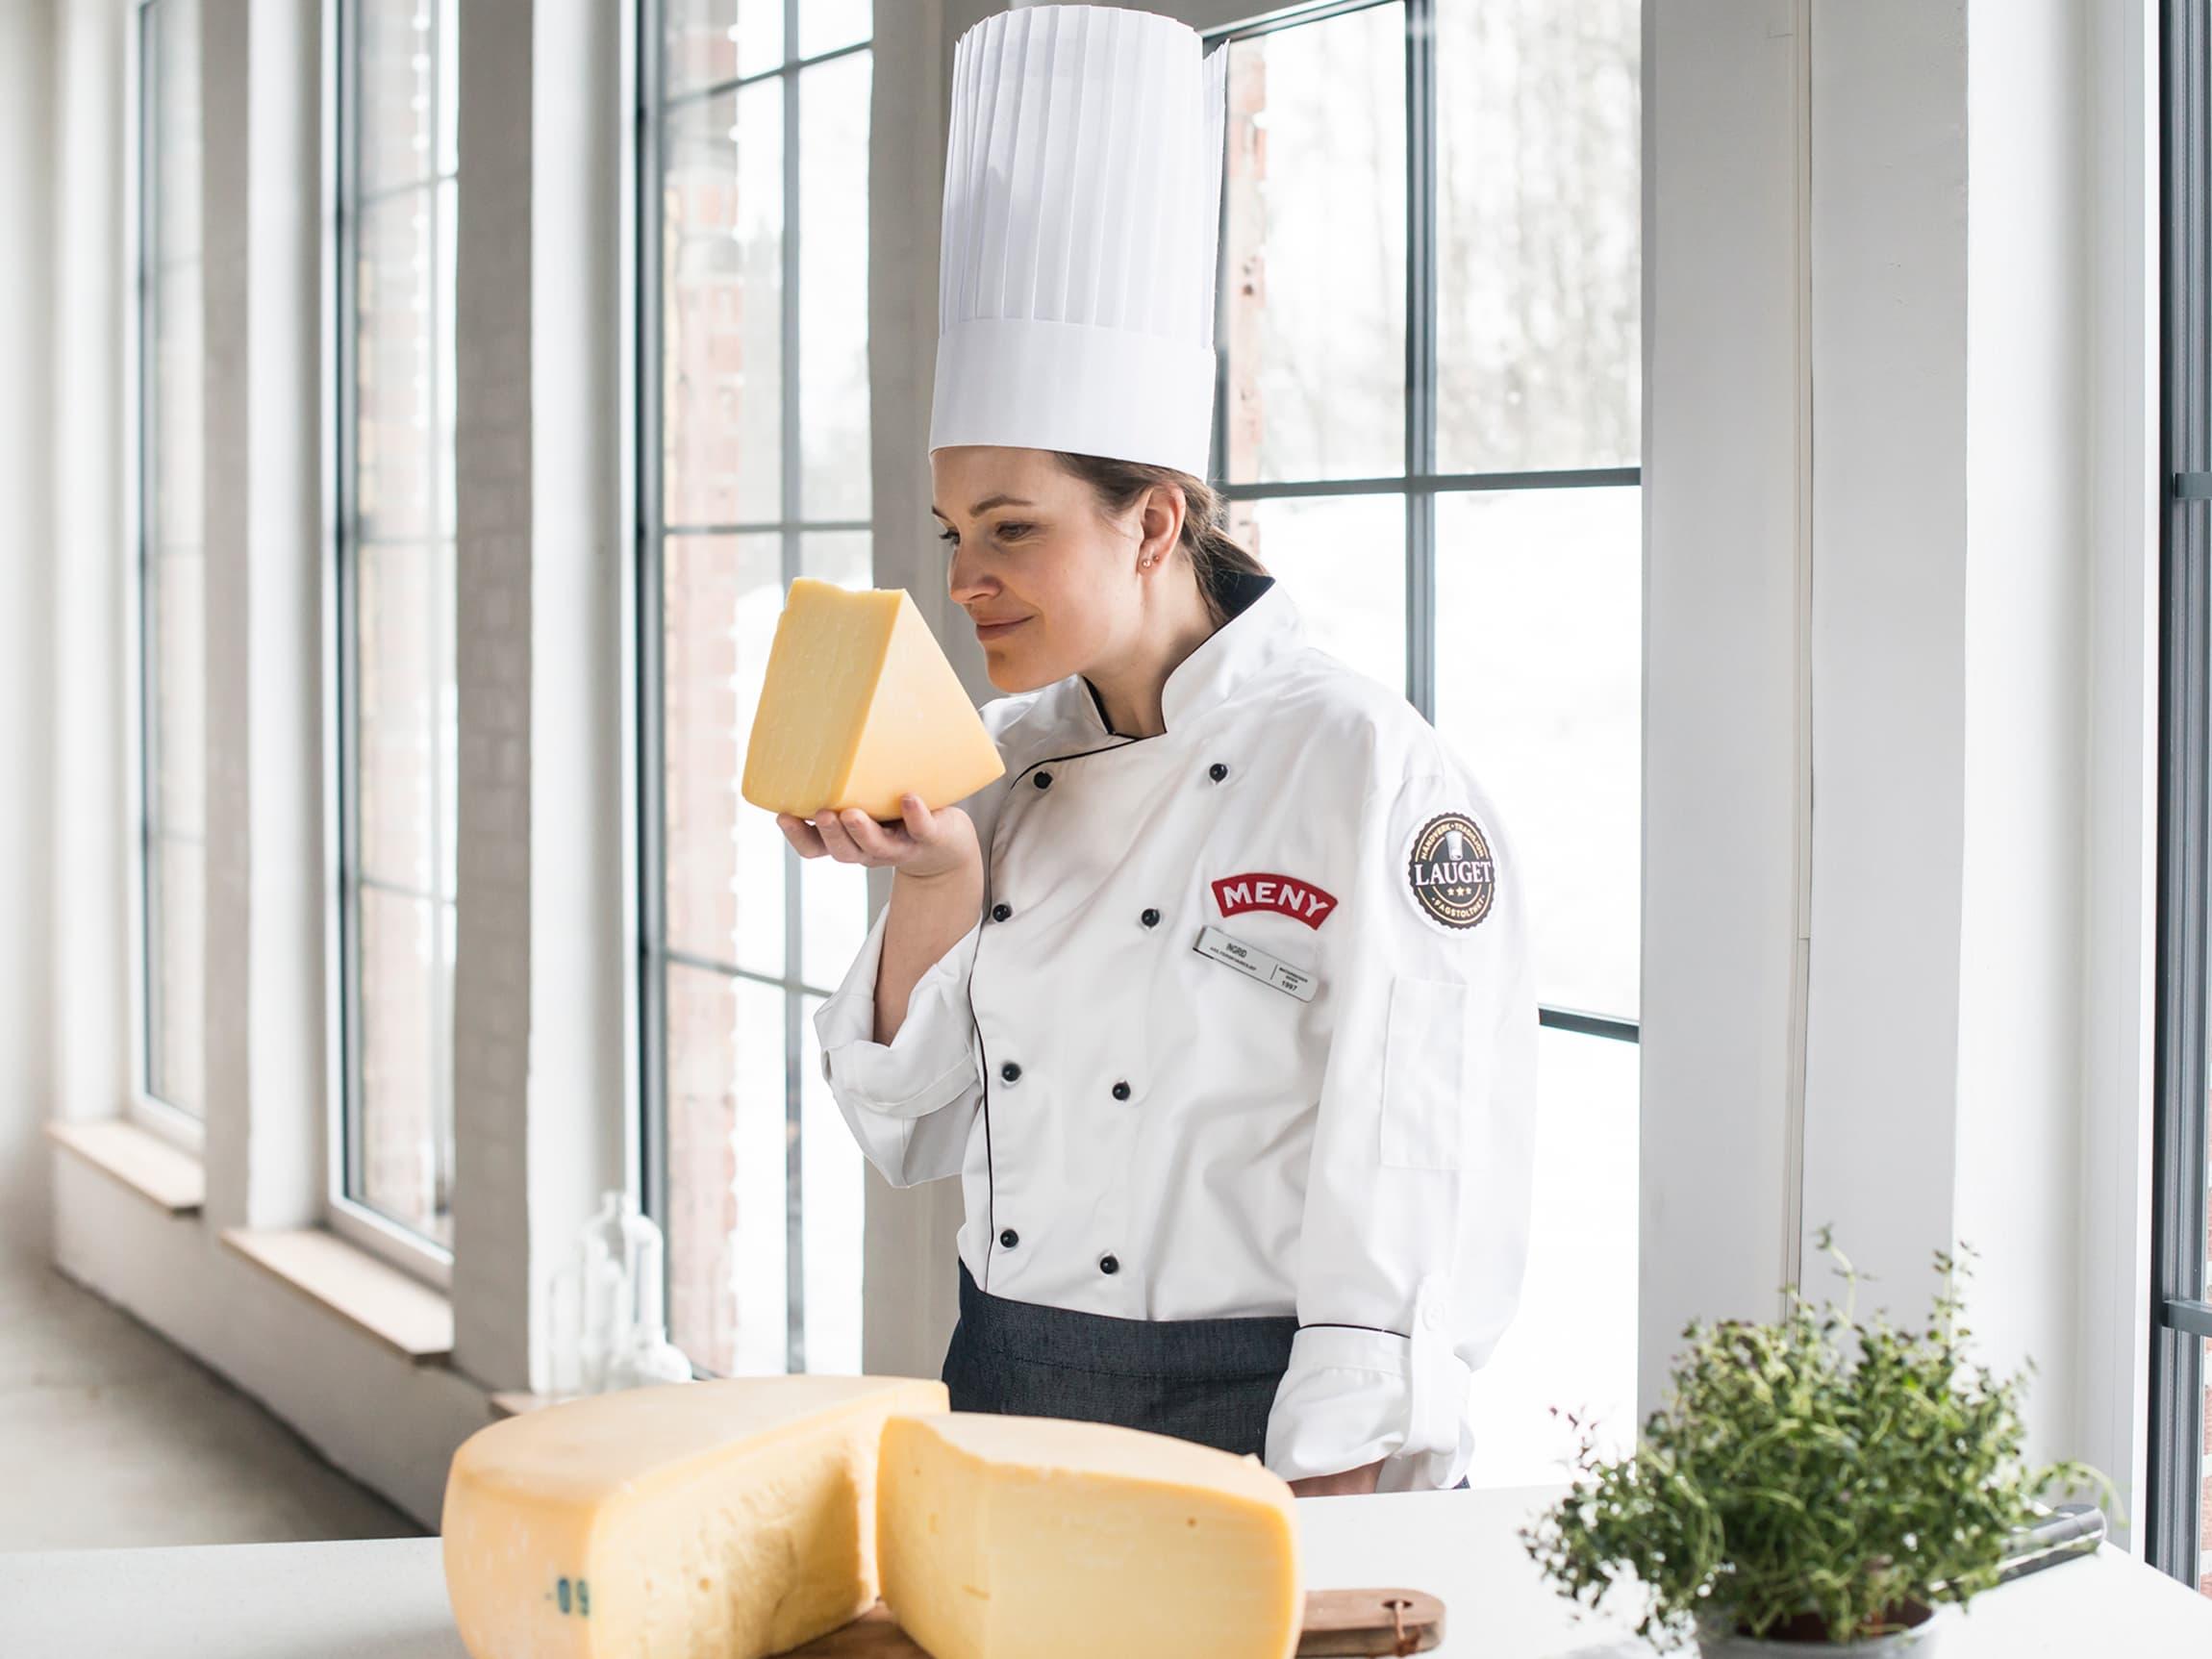 Ingrid Fugelli i MENY-Lauget var en av de første som fikk smake på osten og er stolt av å selge den eksklusivt for MENY det første året.